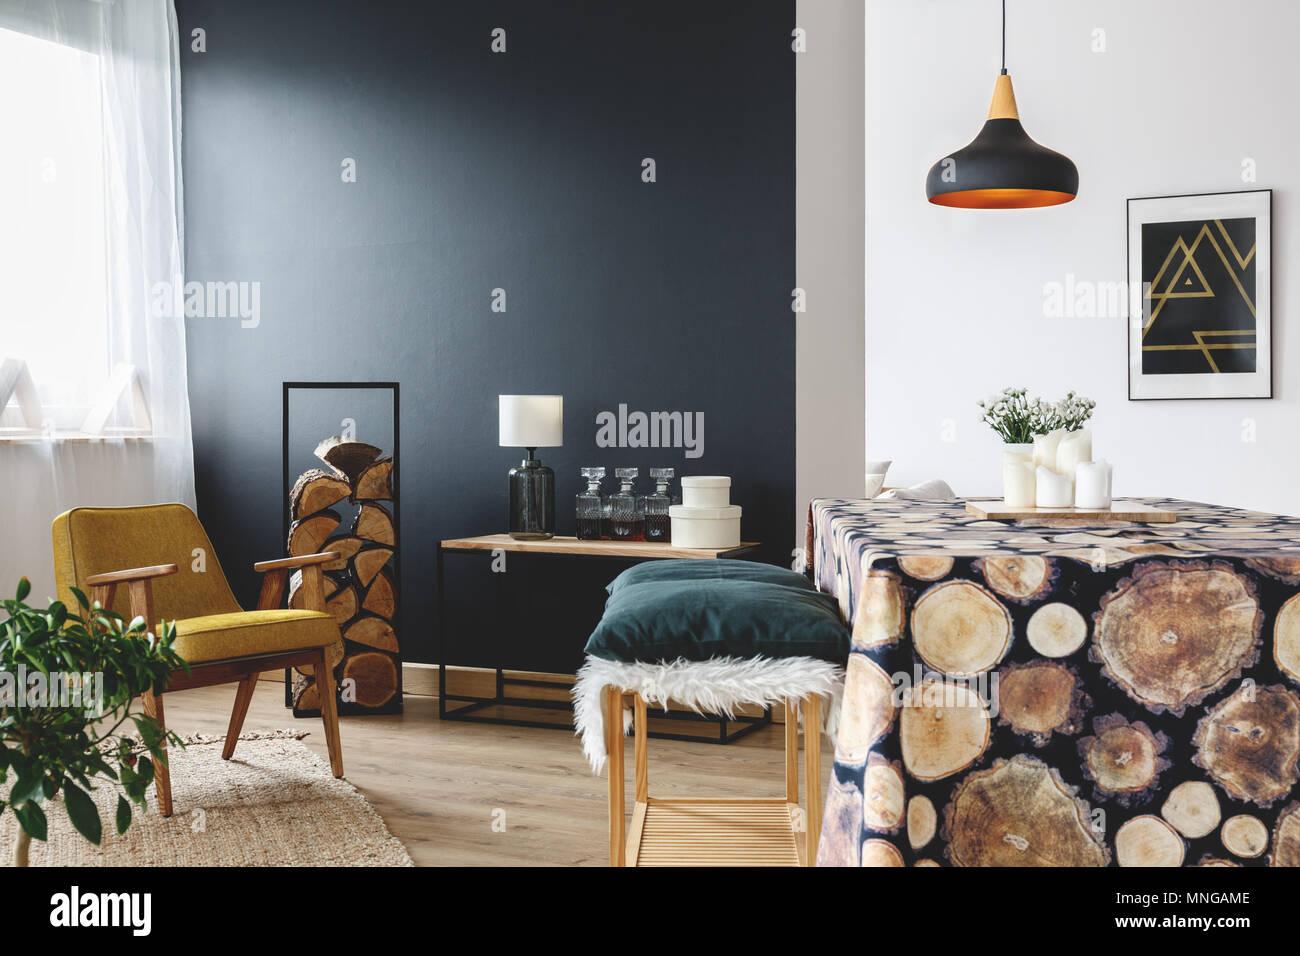 Rustikale Dekoration Idee Fur Gemutliche Wohnung Mit Schwarze Wand